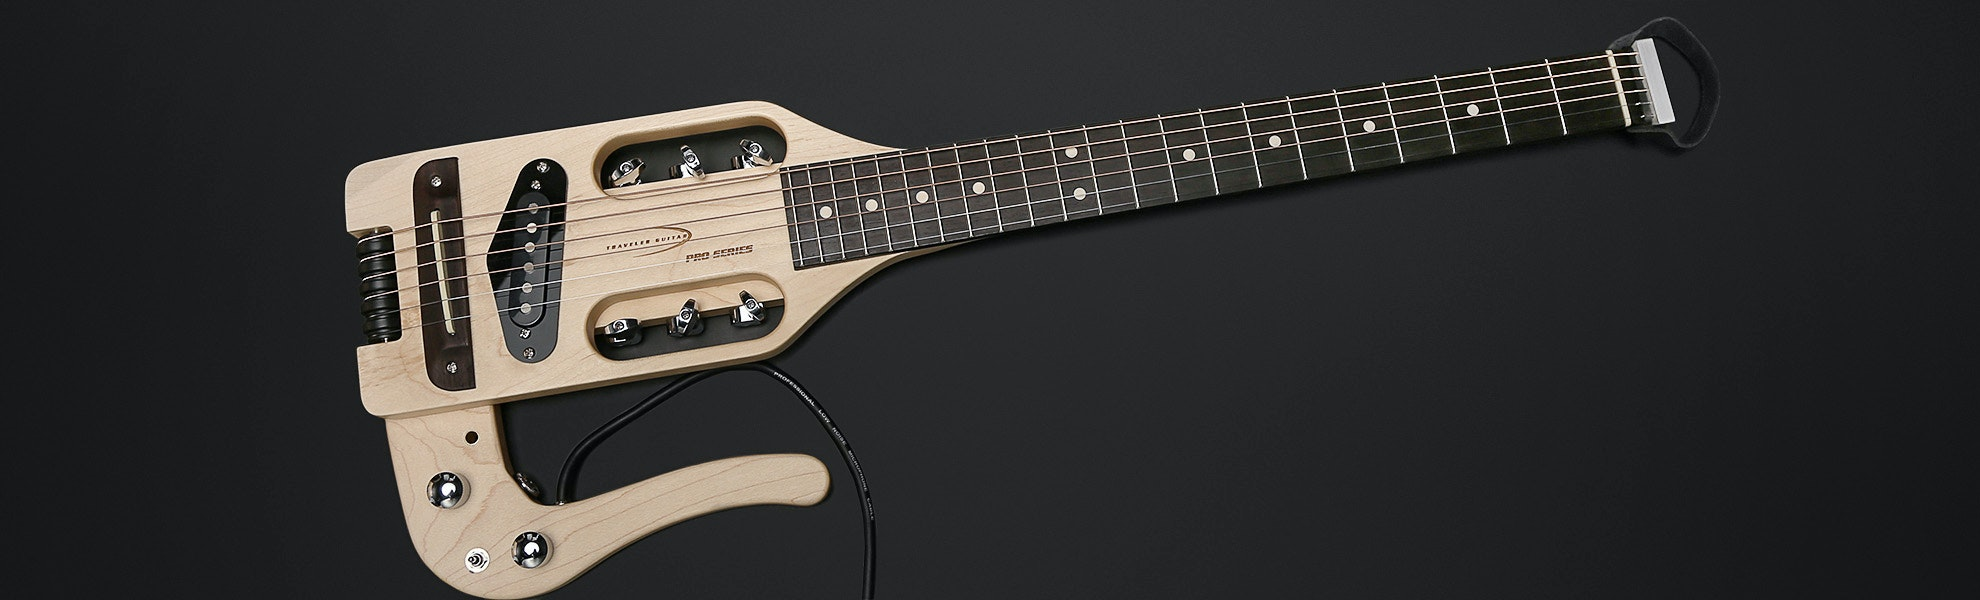 Traveler Guitar Pro-Series